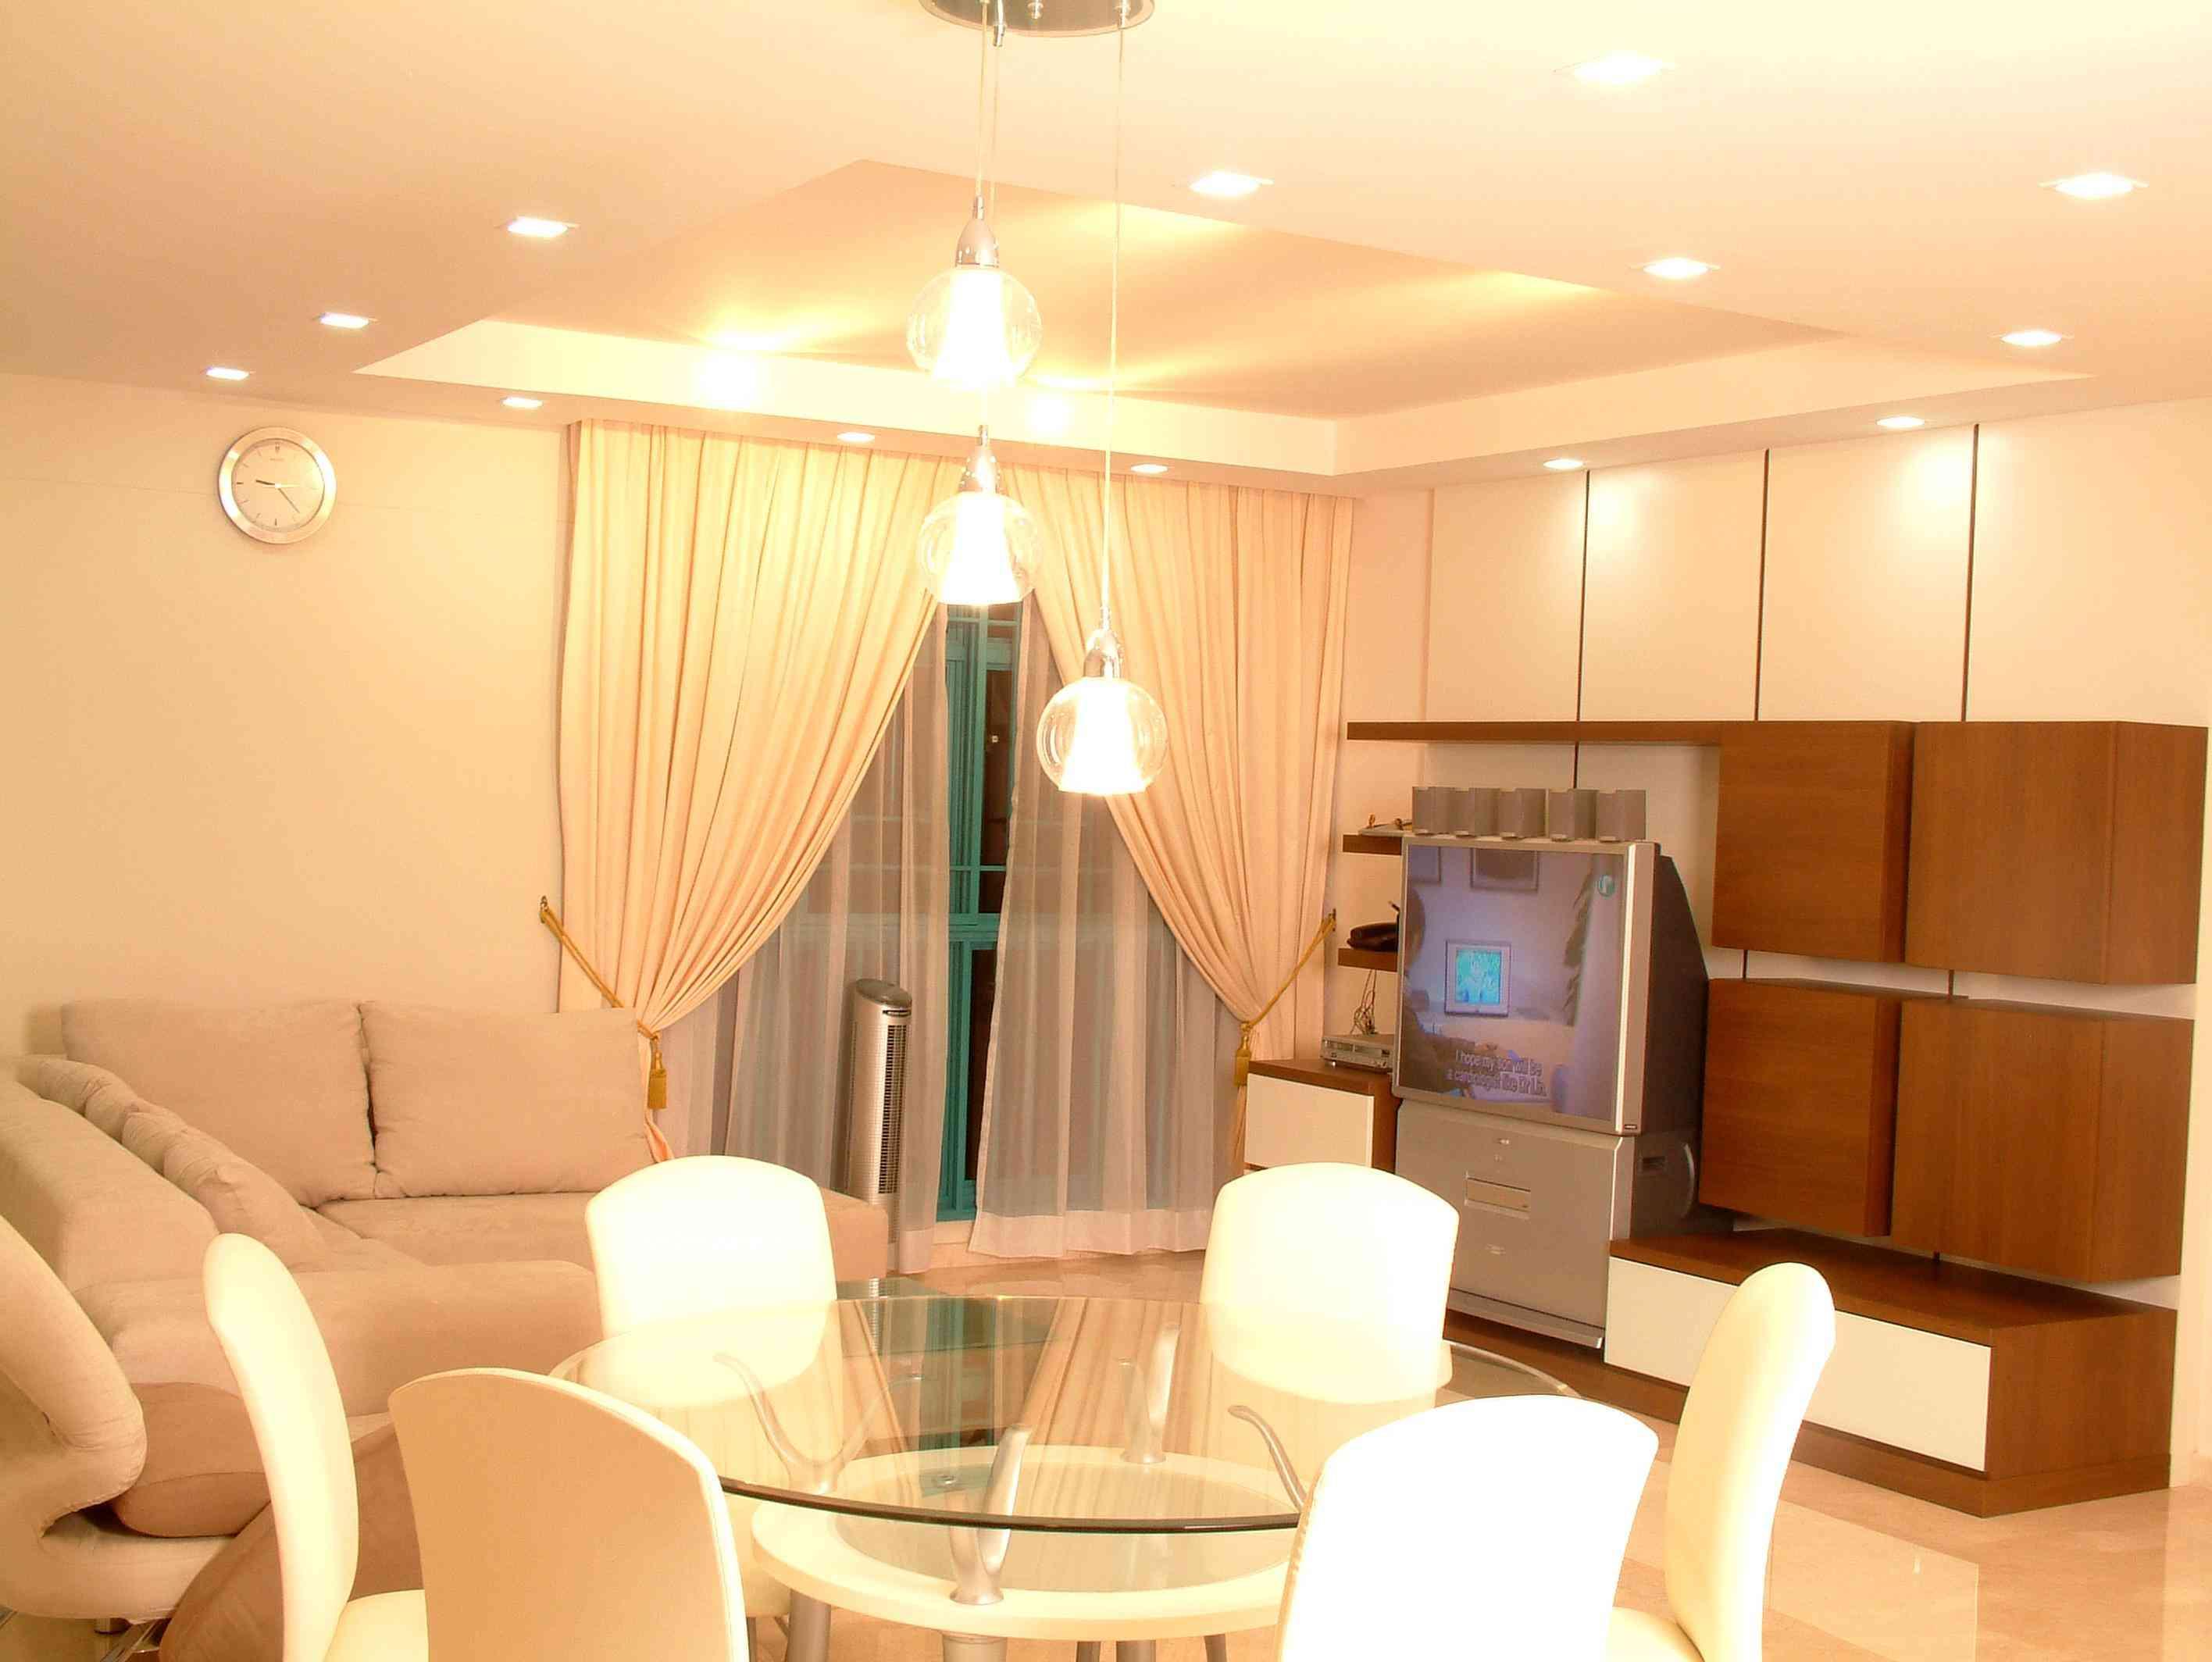 Interior design ideas indian style interior design for Indian interior design inspiration